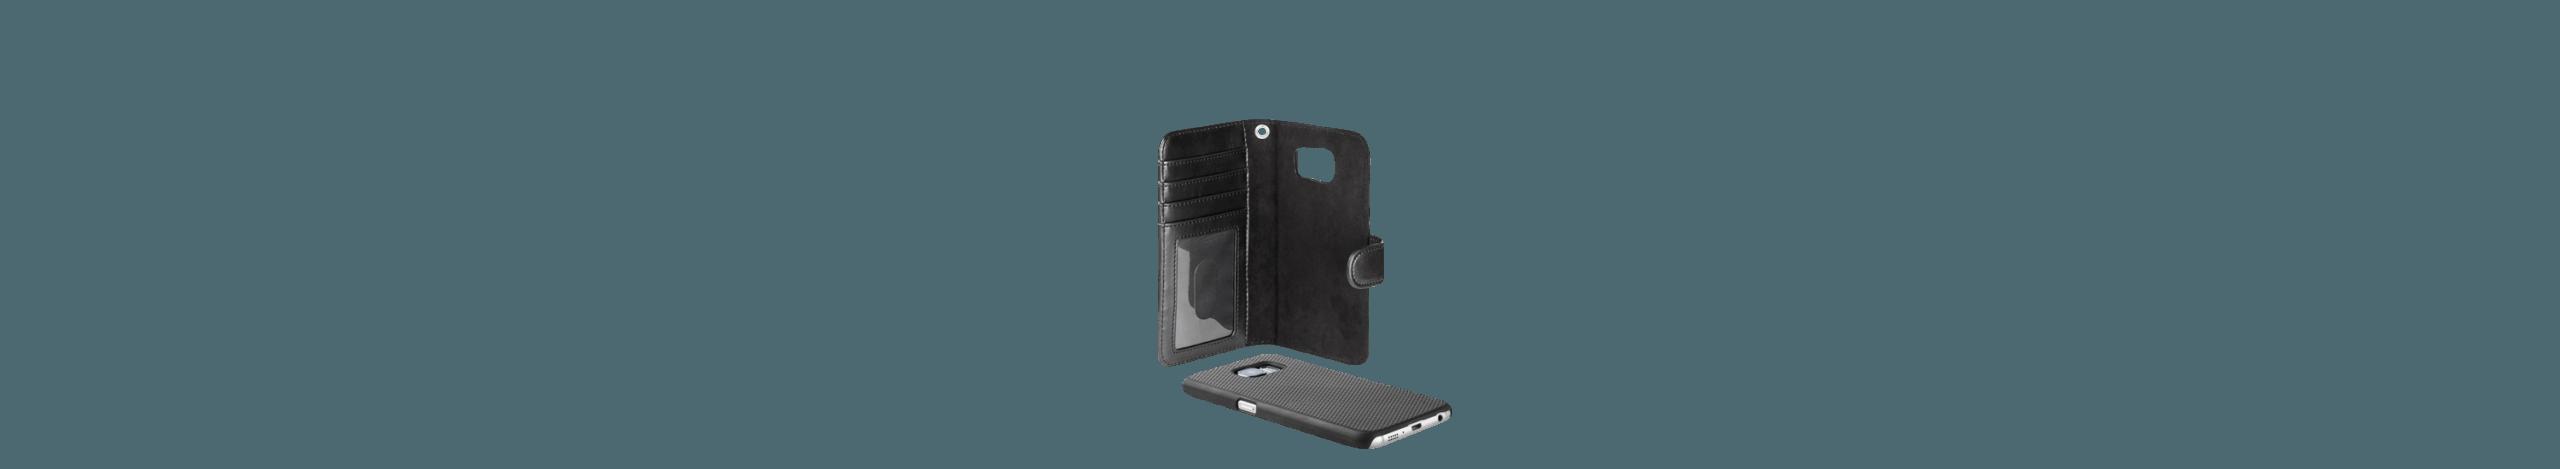 Magnet-Wallet.png